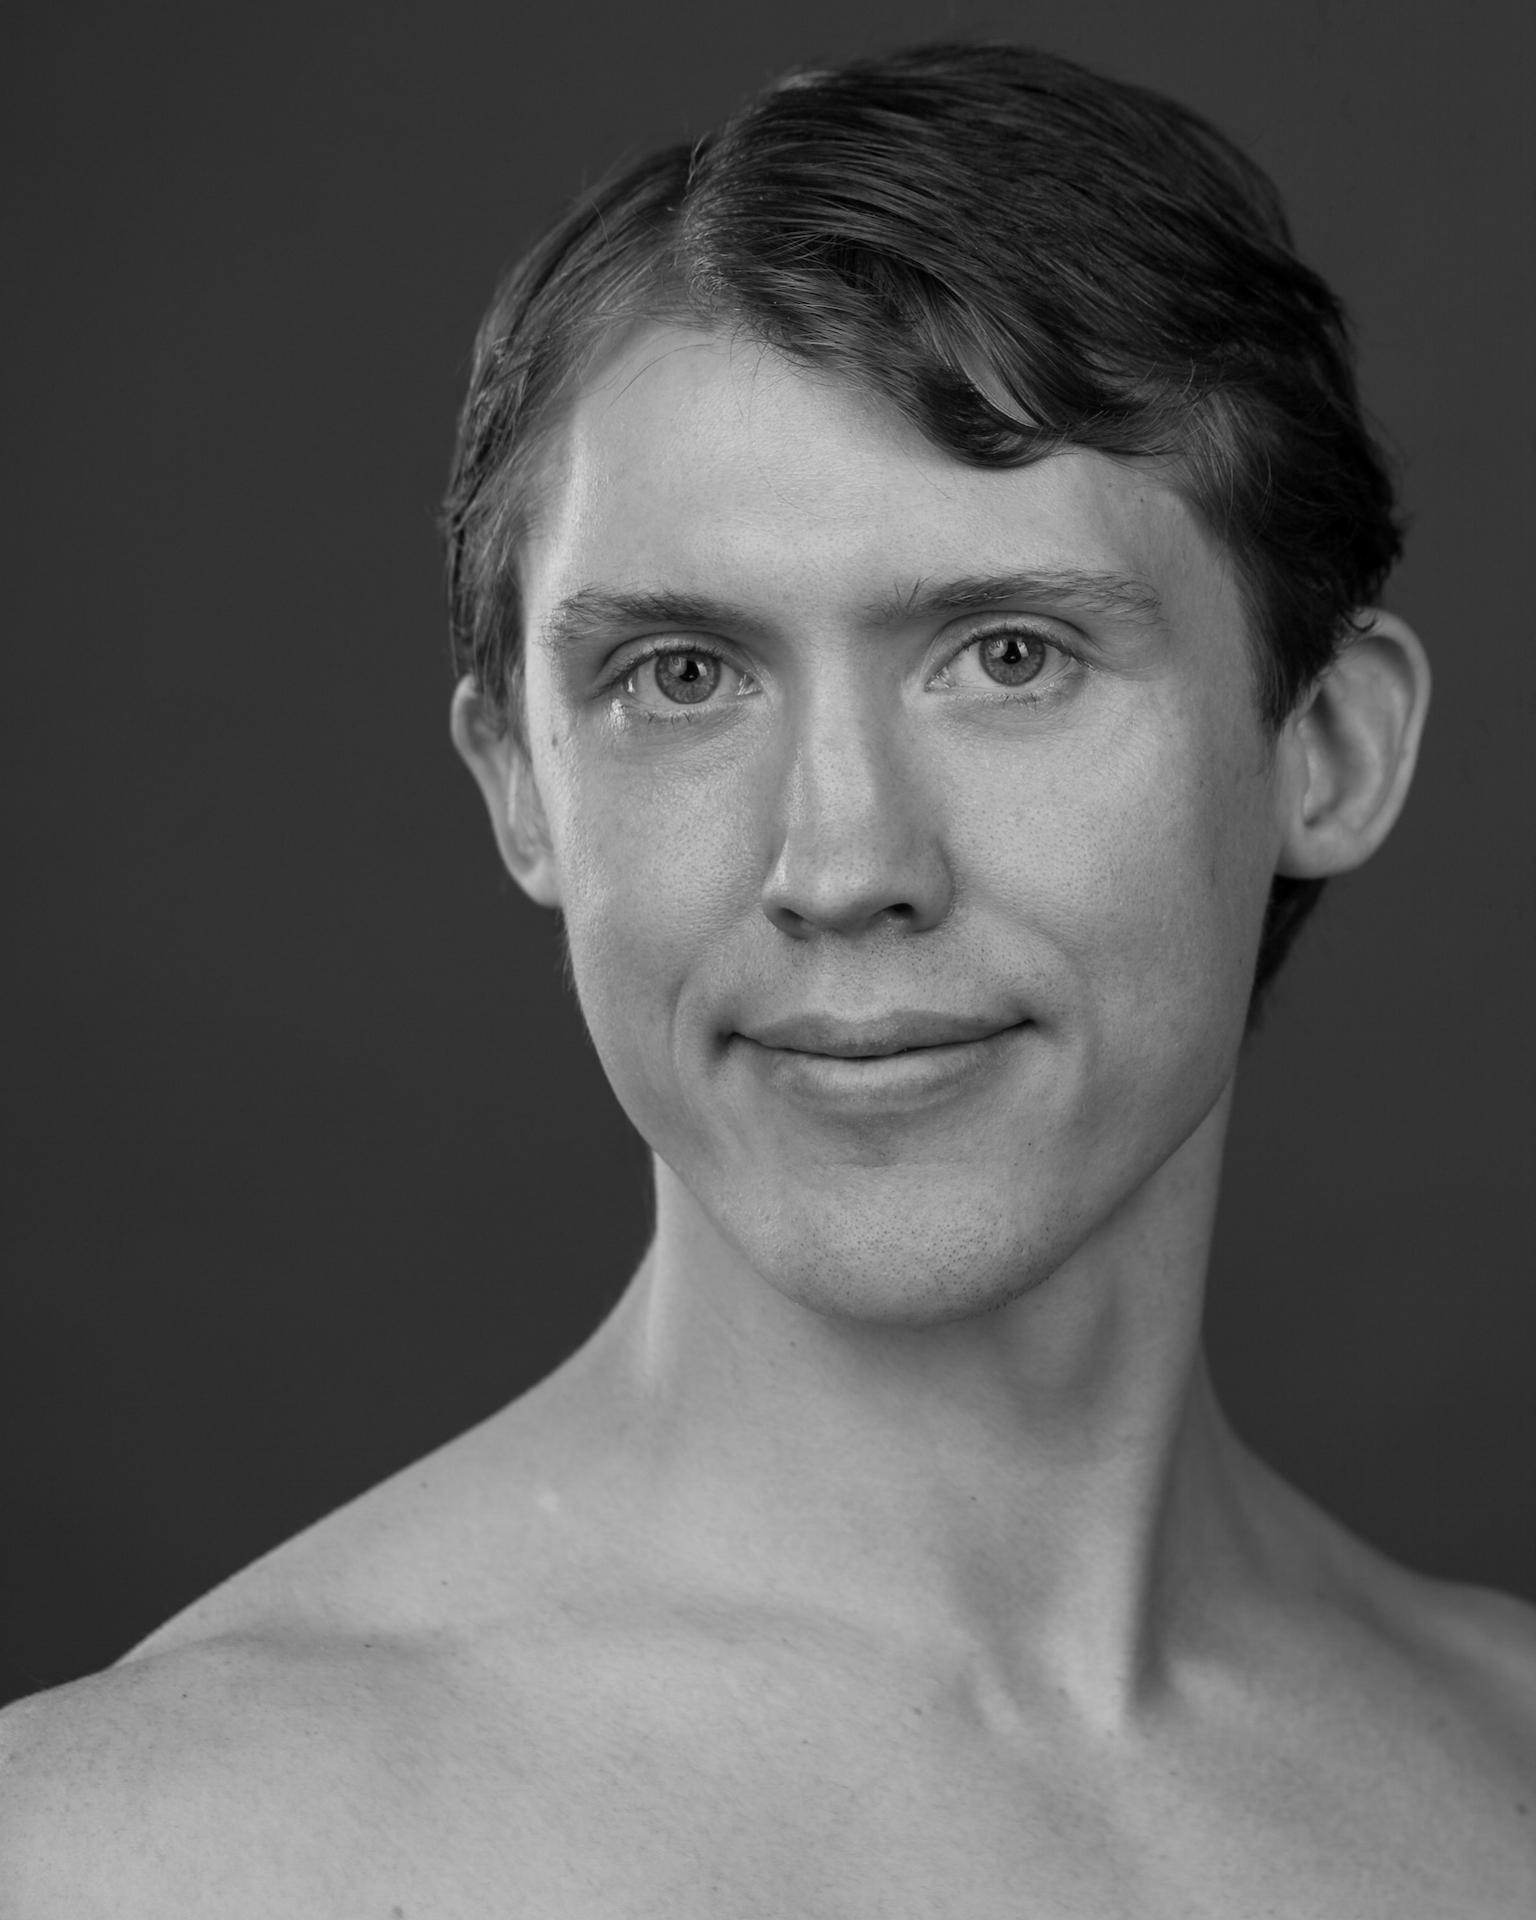 Evan Johnston